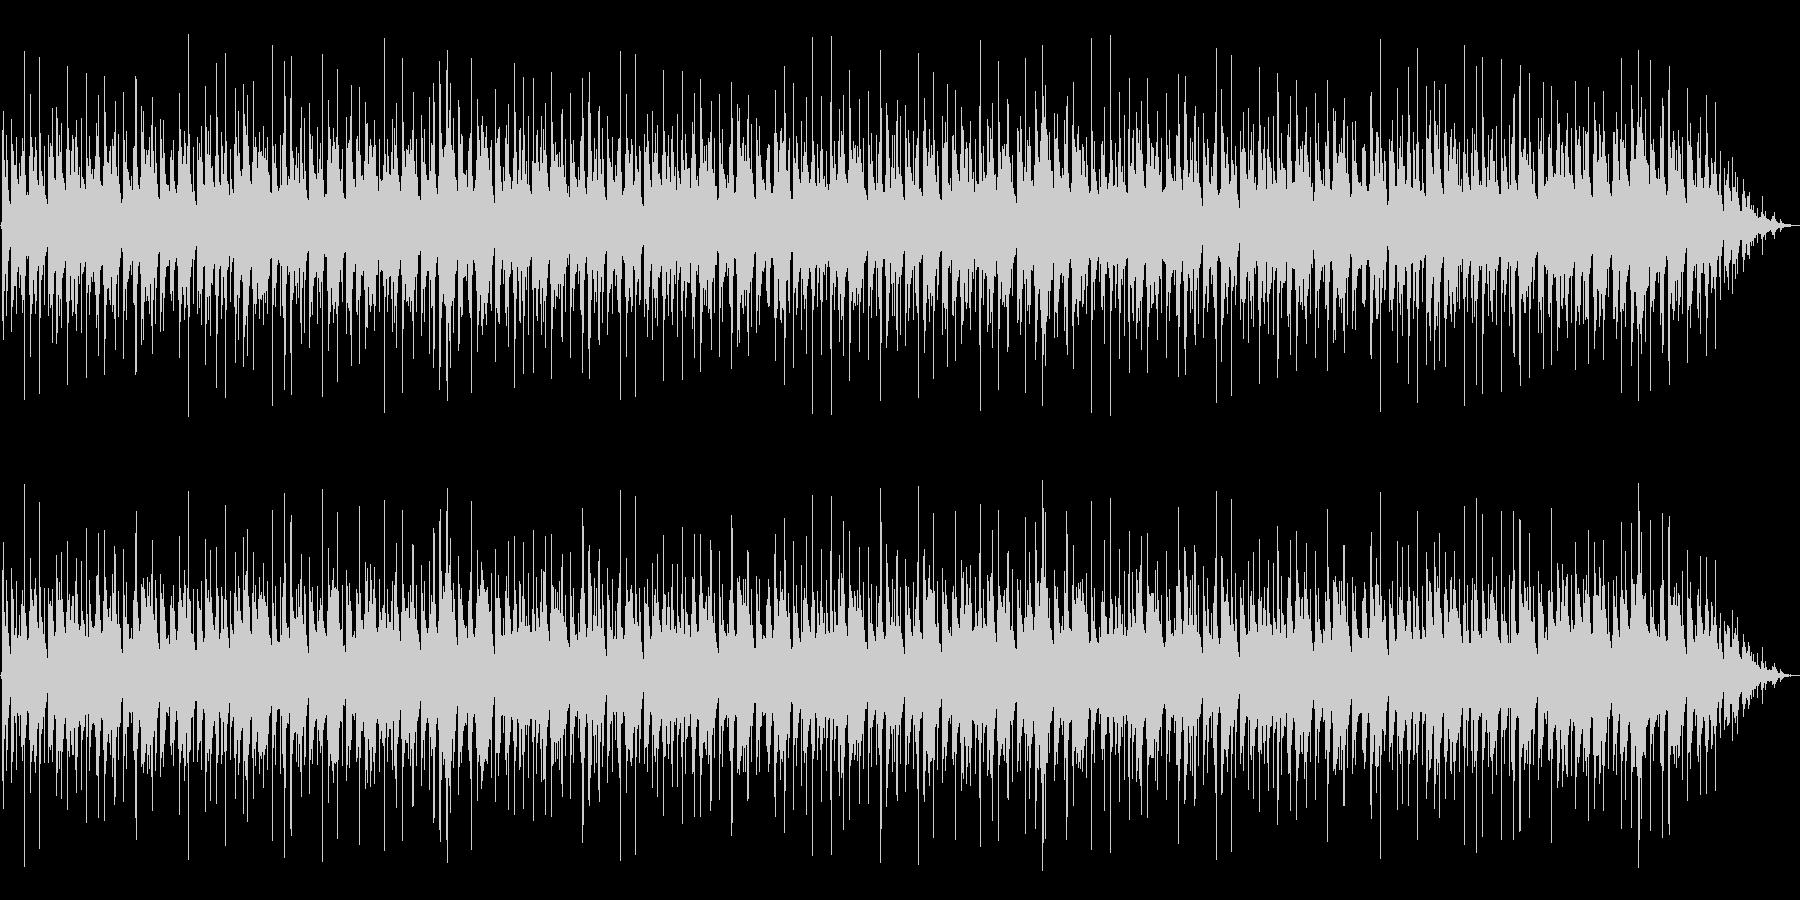 クールでシンプルなピアノトリオジャズの未再生の波形